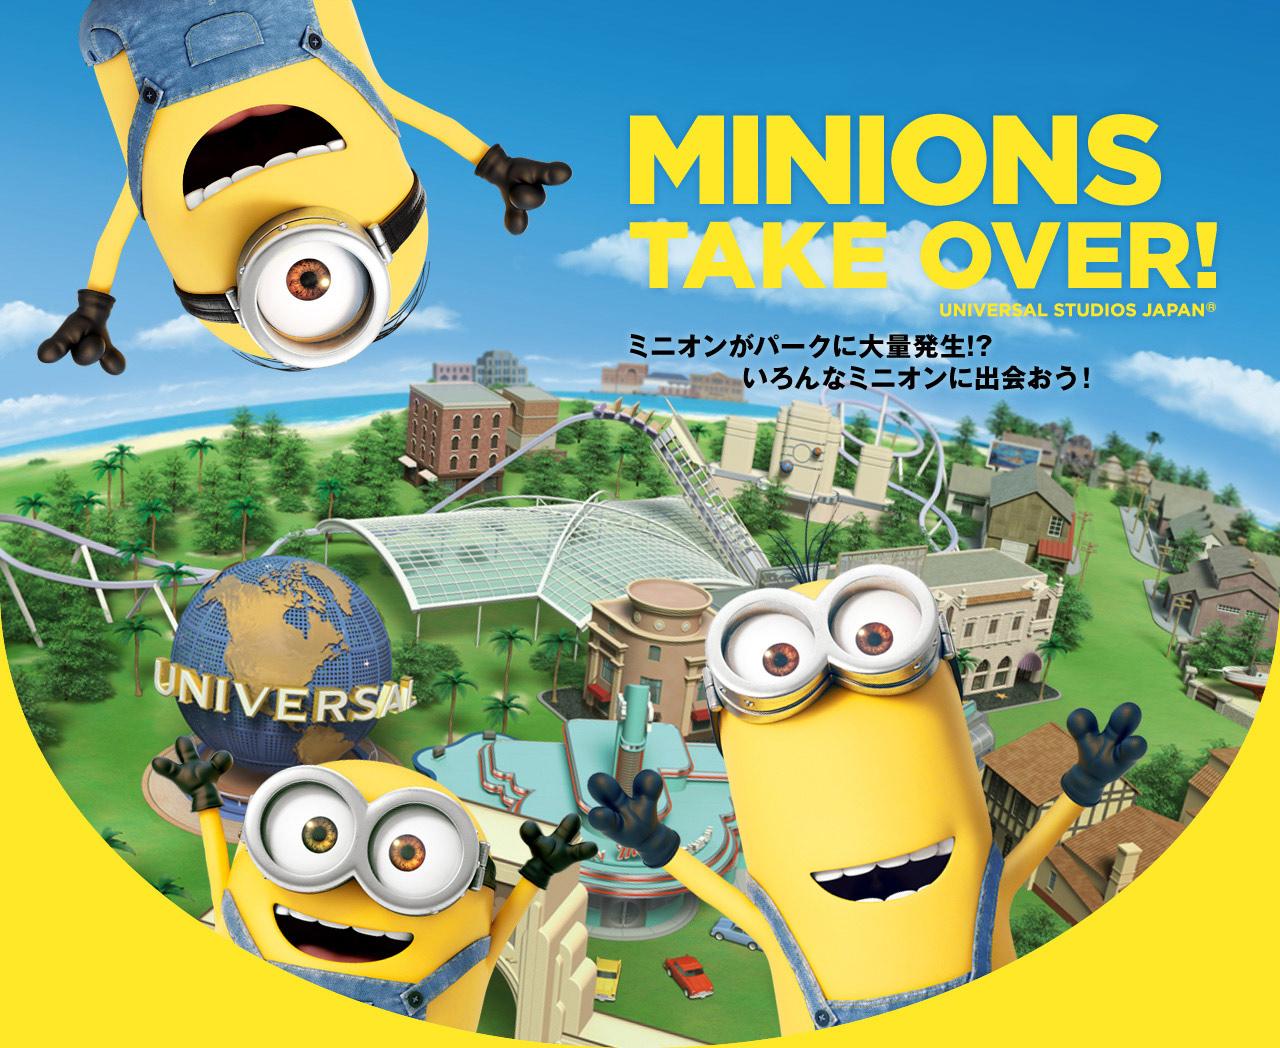 「ミニオン・パーク」世界最大のミリオン・エリア2017年にUSJに登場!